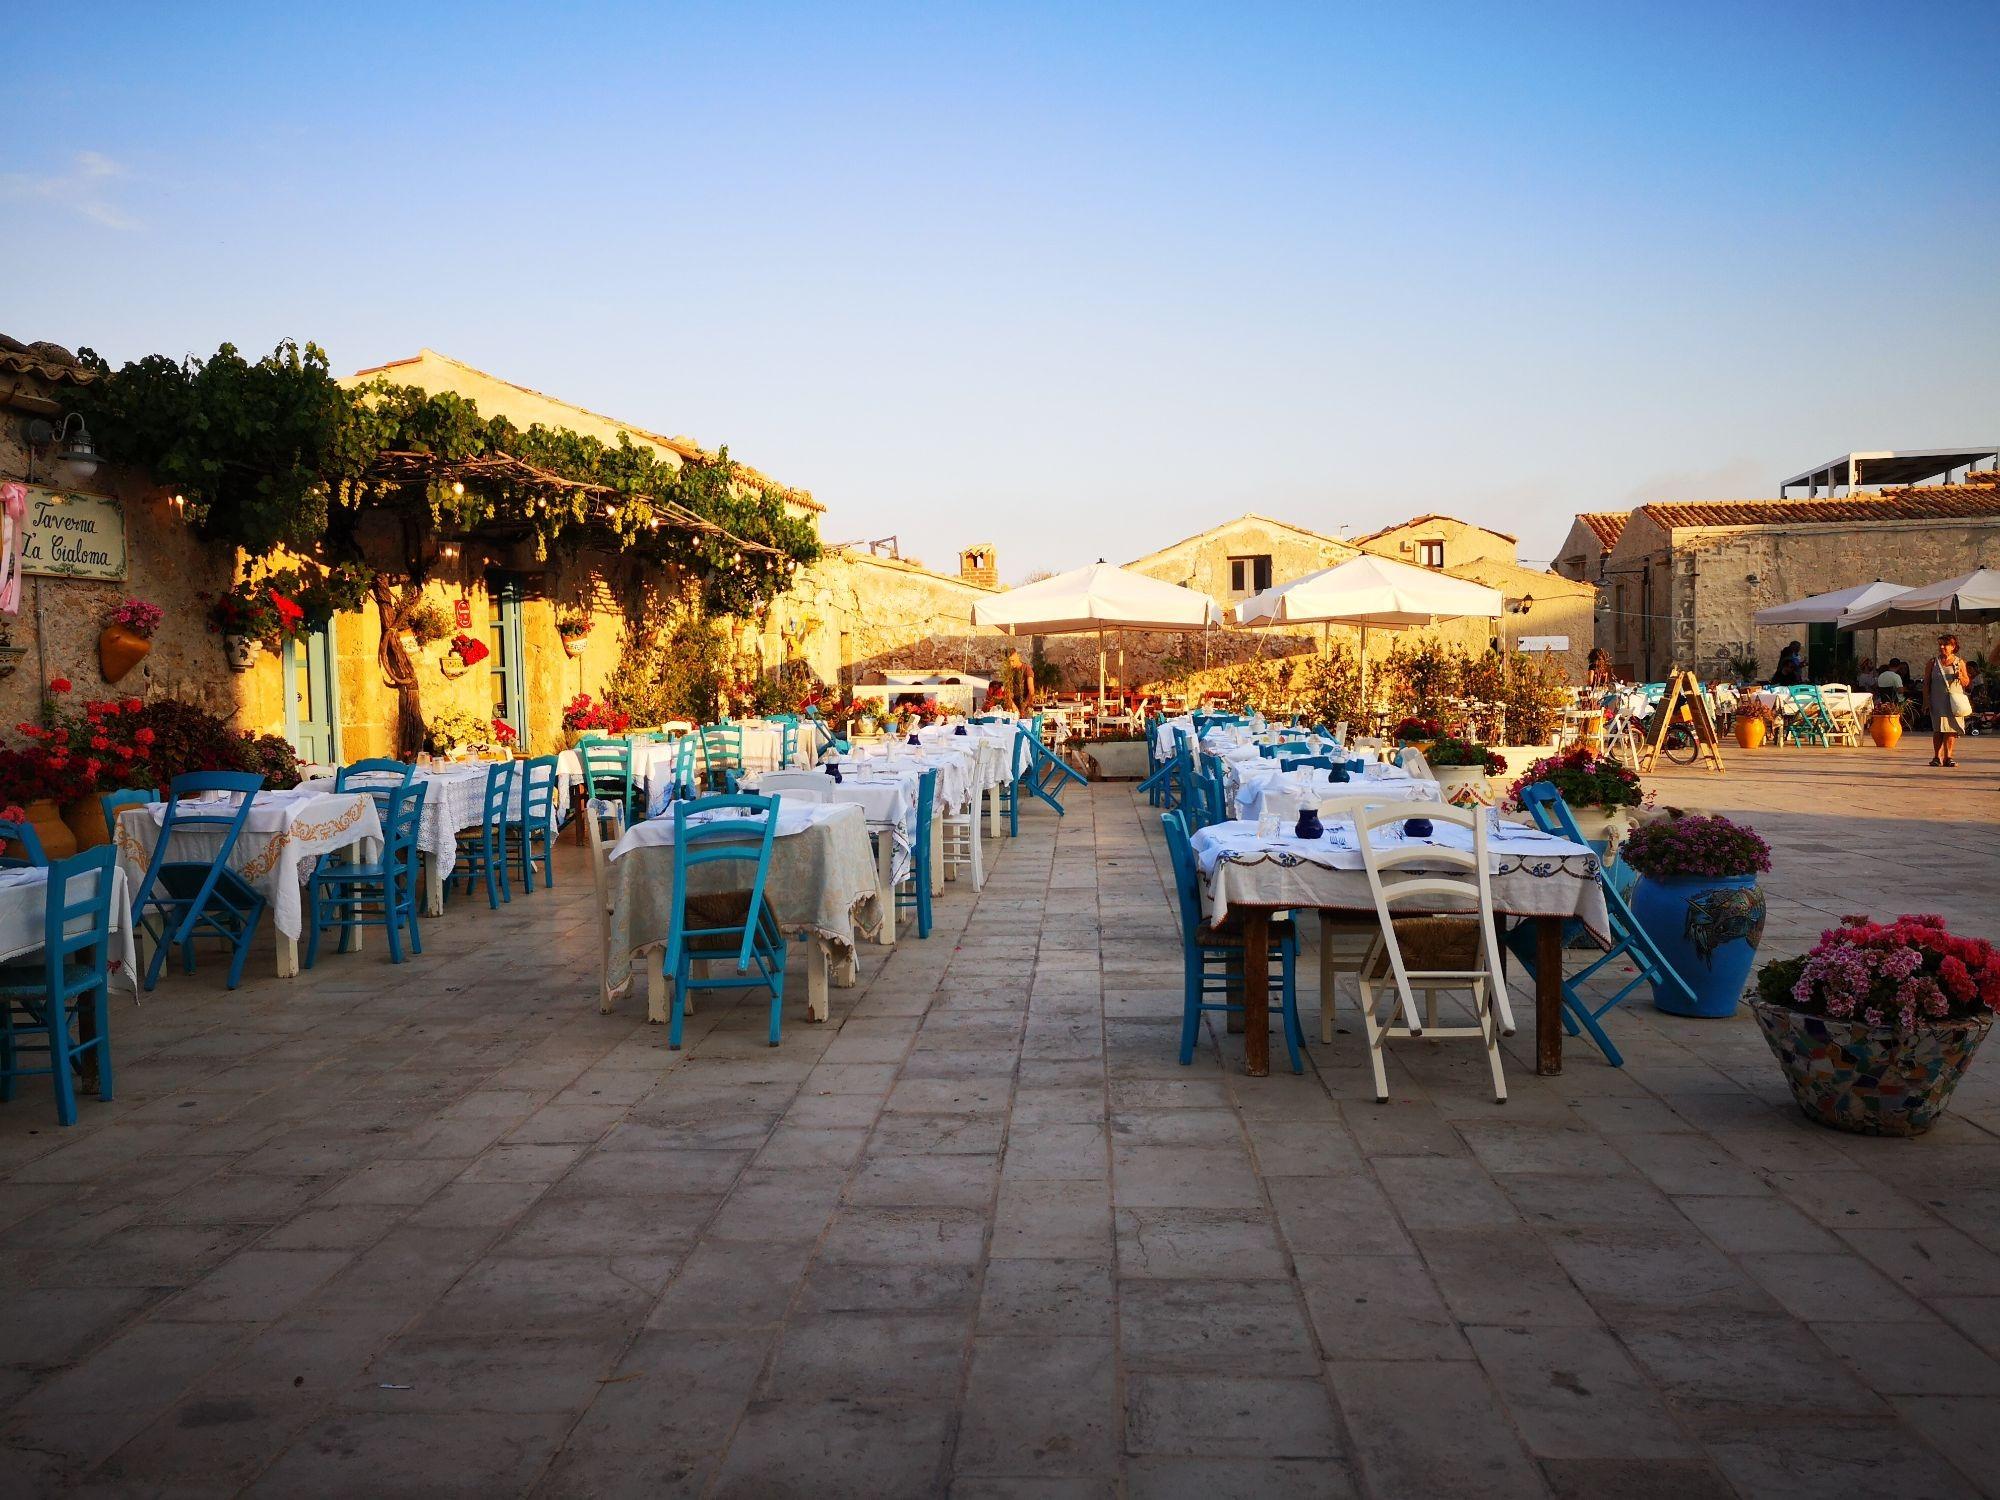 Il fascino di MARZAMEMI, incantevole borgo siciliano